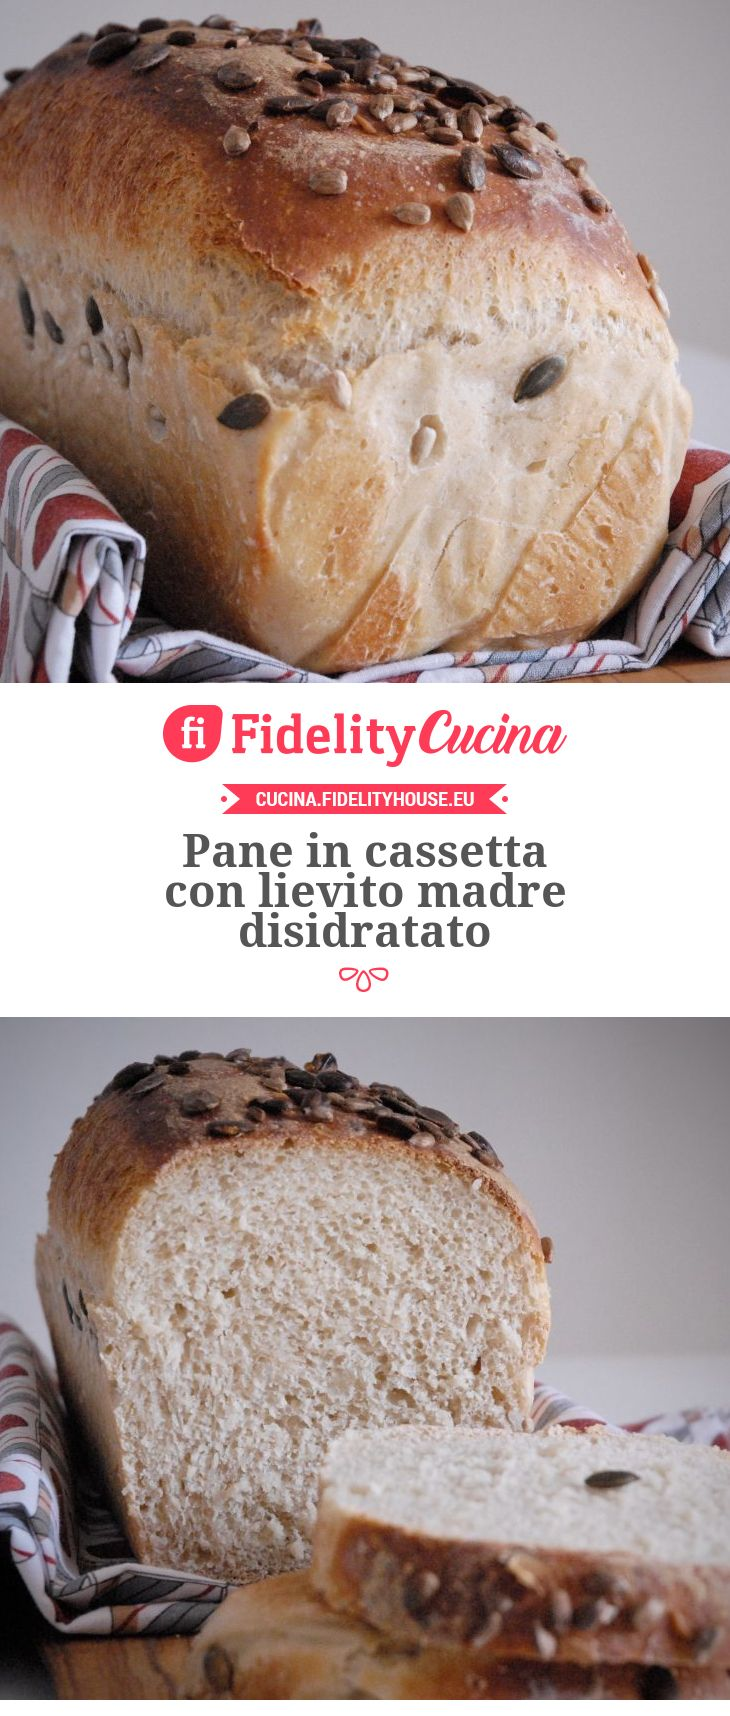 Pane In Cassetta Con Lievito Madre Disidratato Ricetta Pane In Cassetta Ricette Idee Alimentari